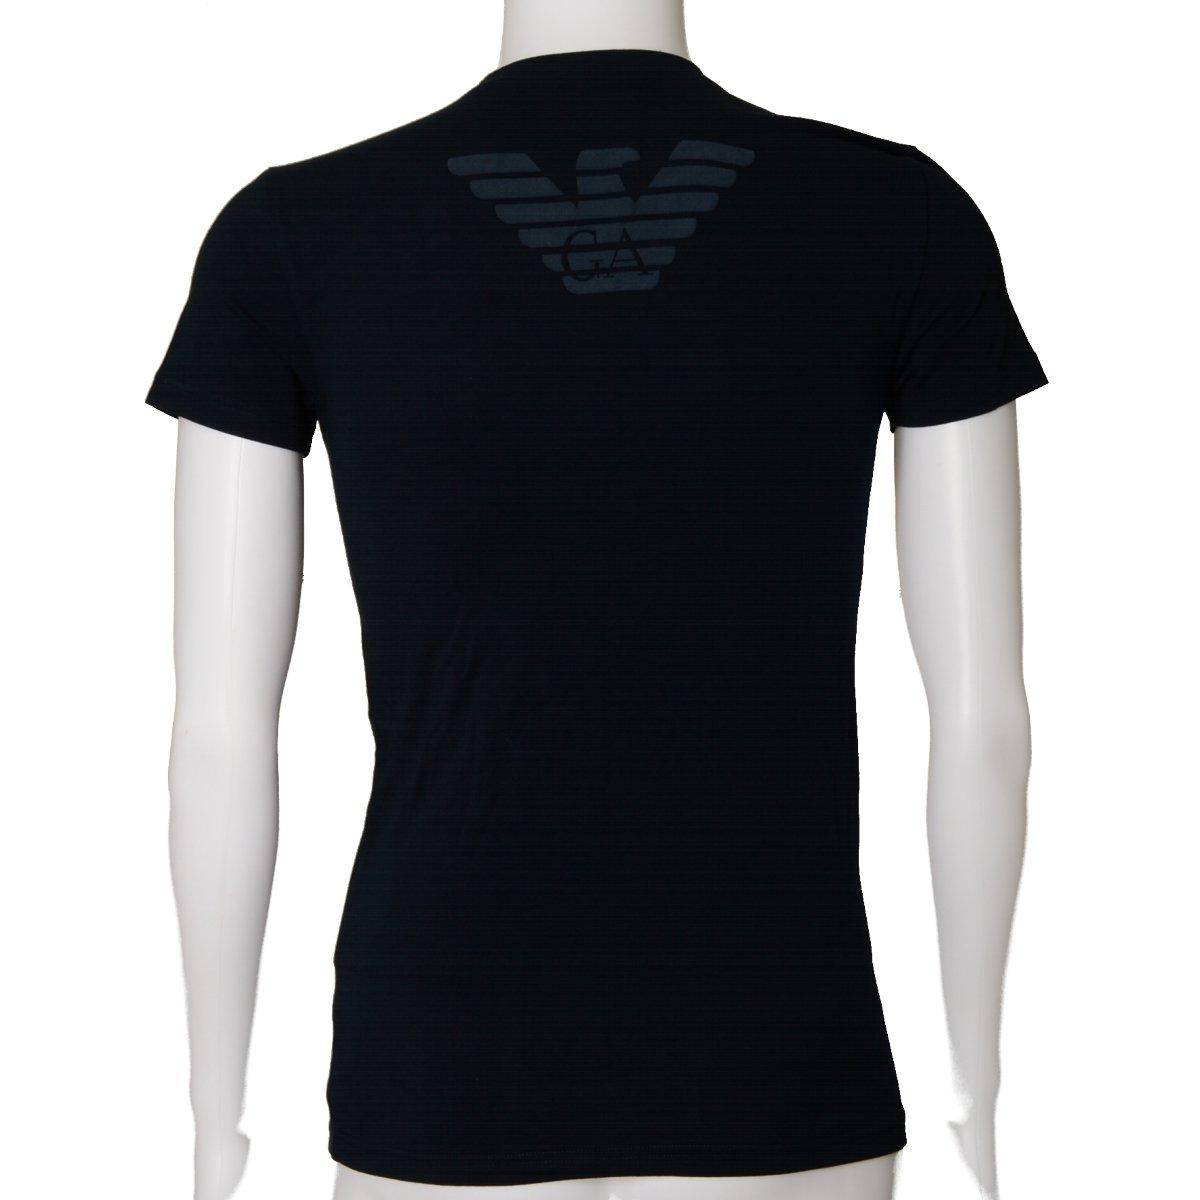 Emporio Armani - Camiseta - redondo - Manga corta - para hombre: Amazon.es: Ropa y accesorios